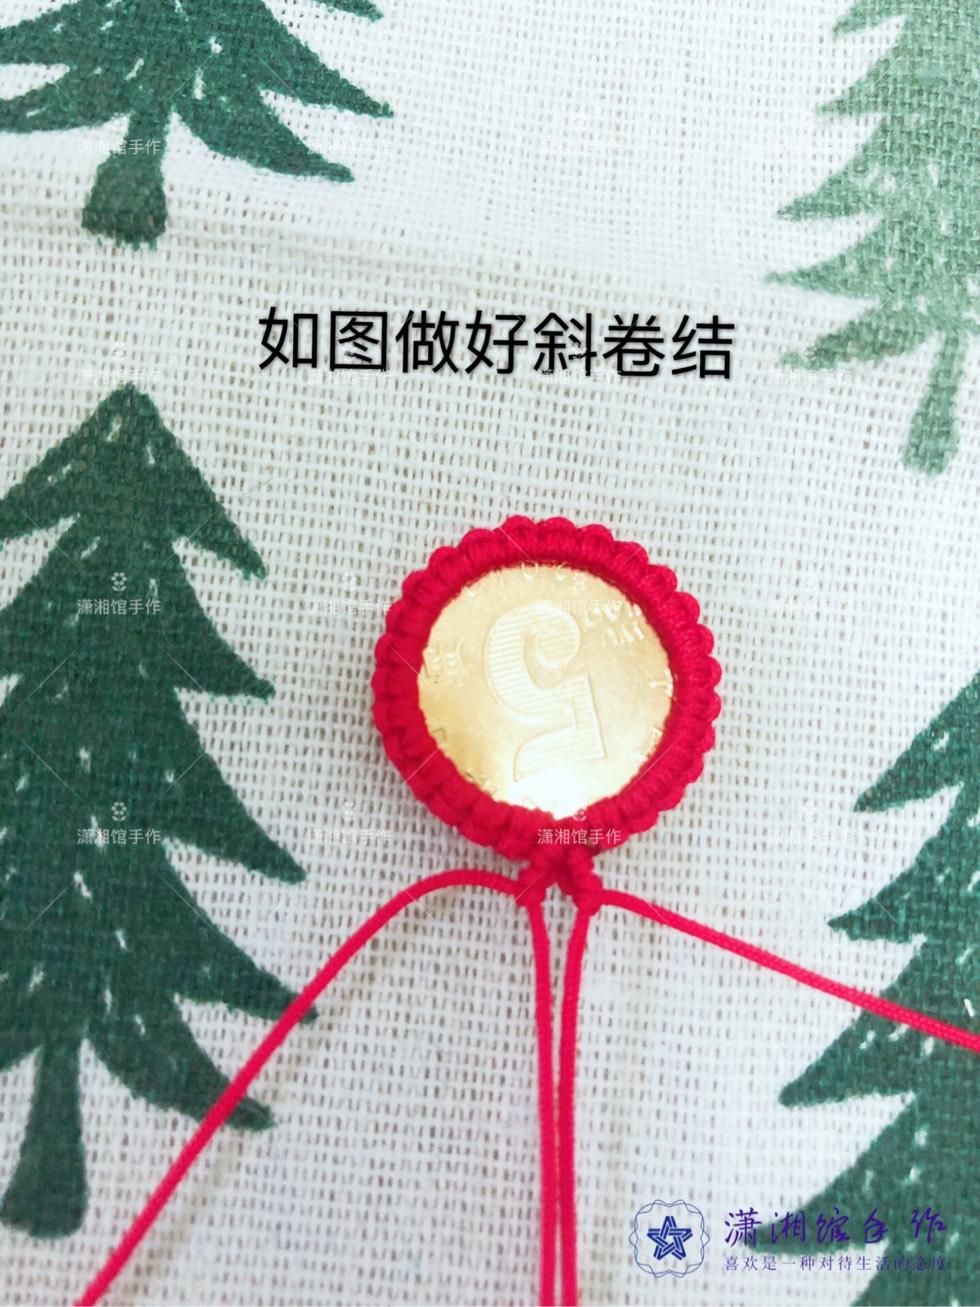 中国结论坛 硬币挂件天使翅膀钥匙扣教程  图文教程区 170106j3q0e9thd3wsq7qw